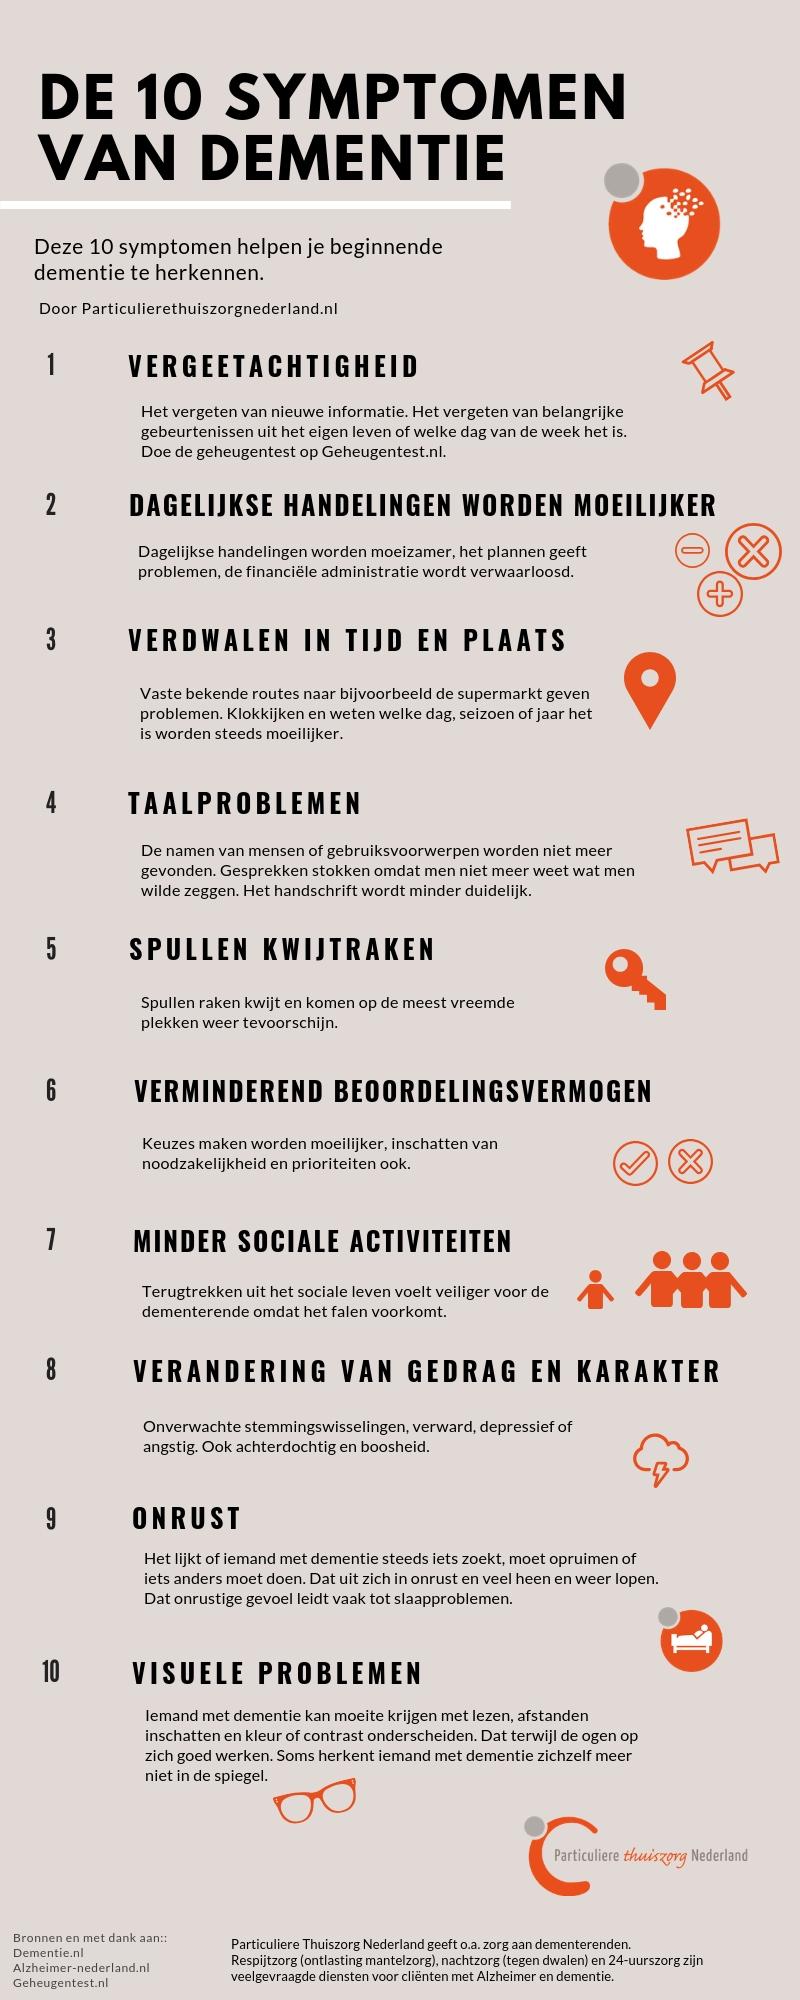 Dementie, de 10 symptomen van -  door Particuliere Thuiszorg Nederland